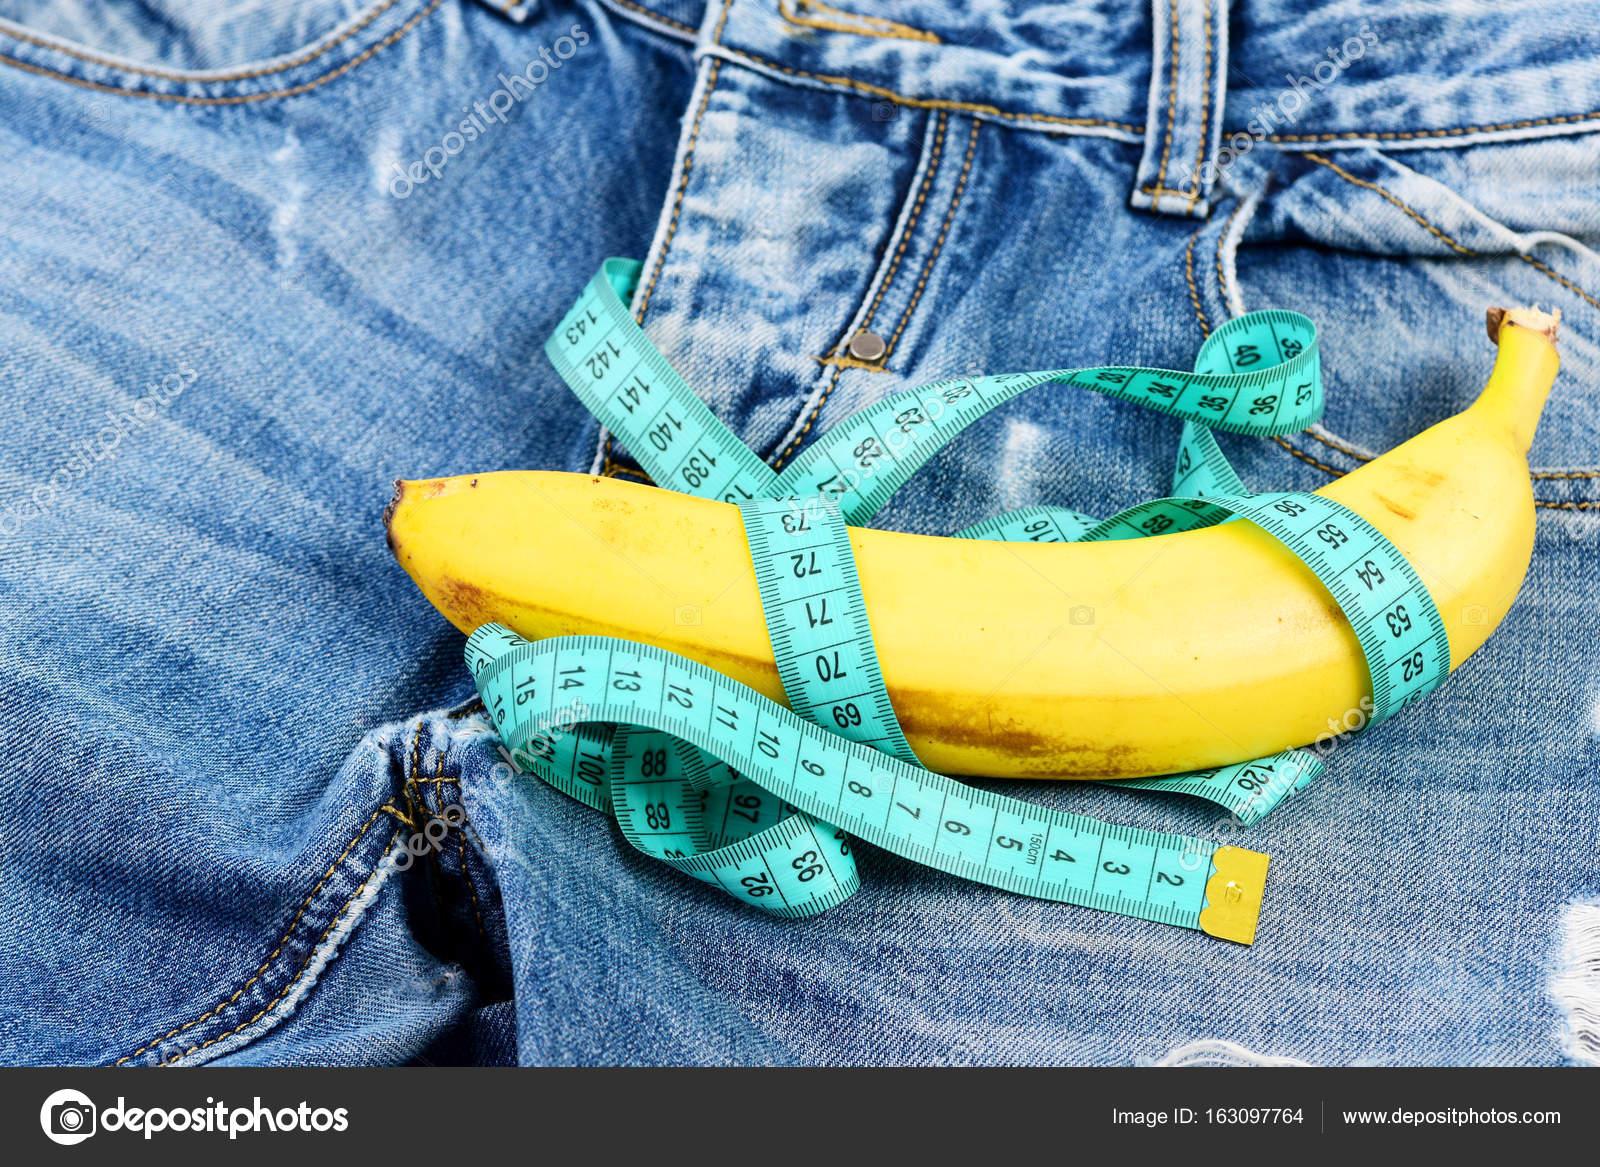 Herren Jeans Hose mit Banane, die männliche Genitalien zu imitieren ...